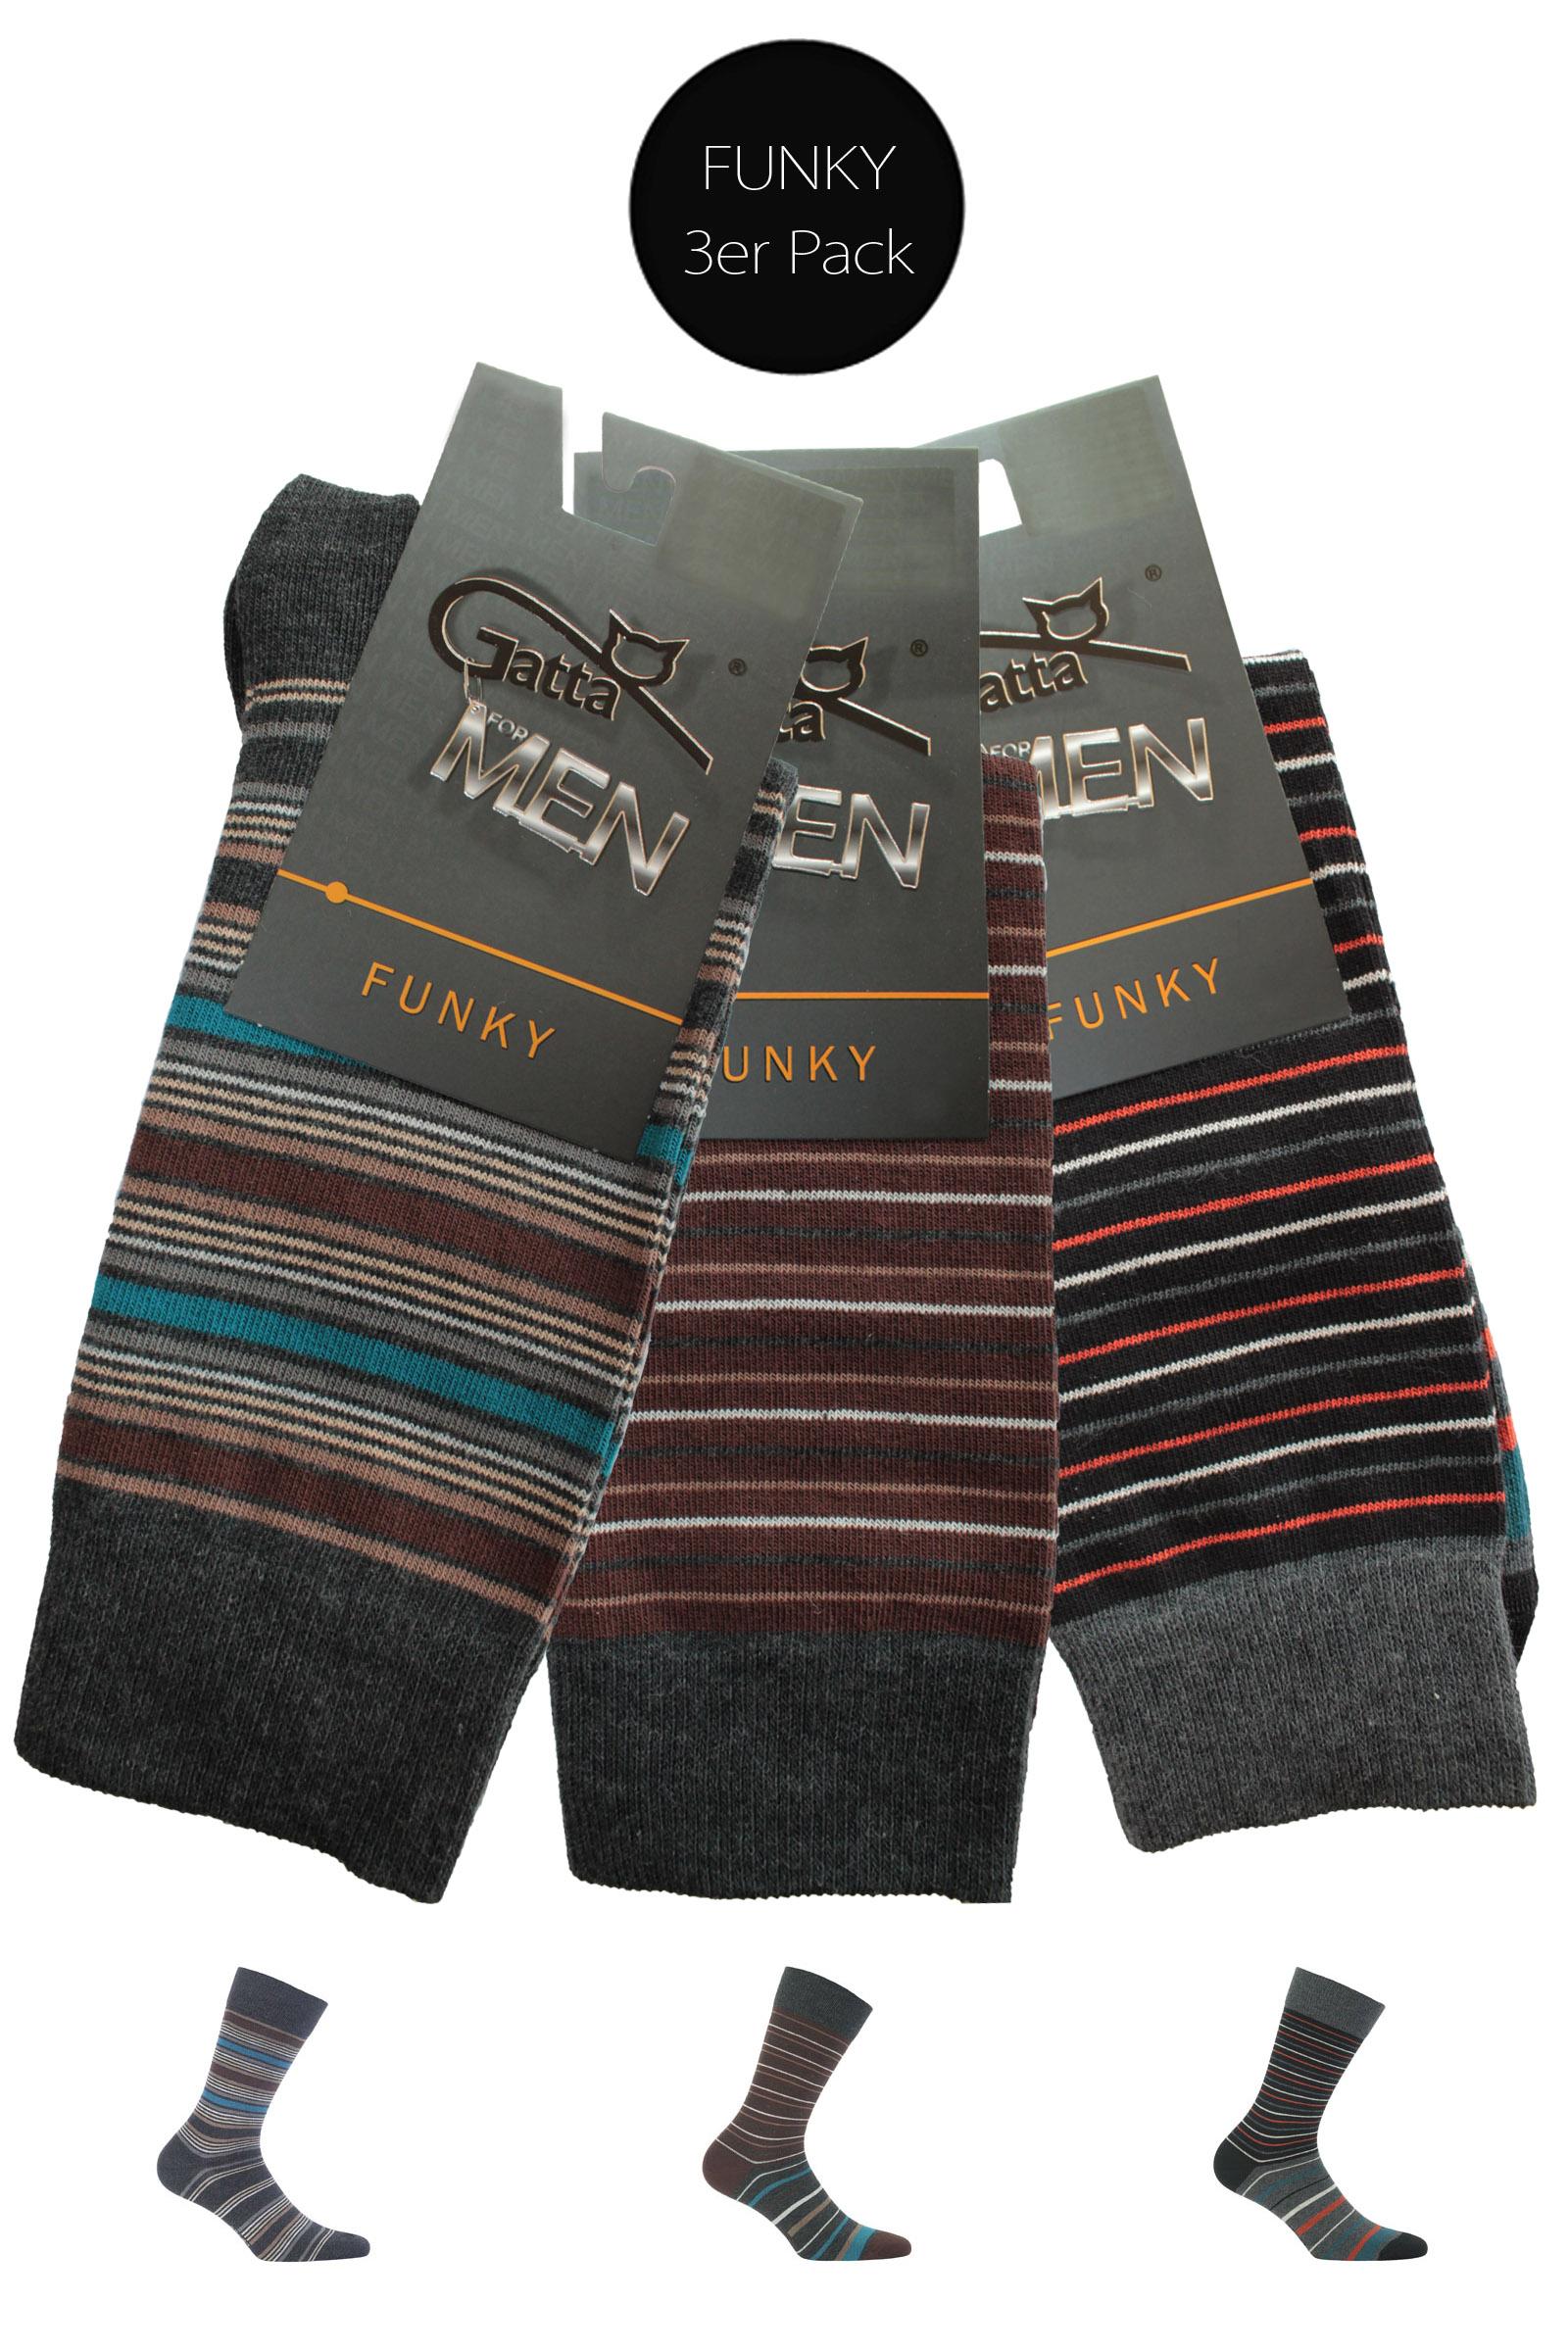 Gatta FUNKY Socken - 3er Pack